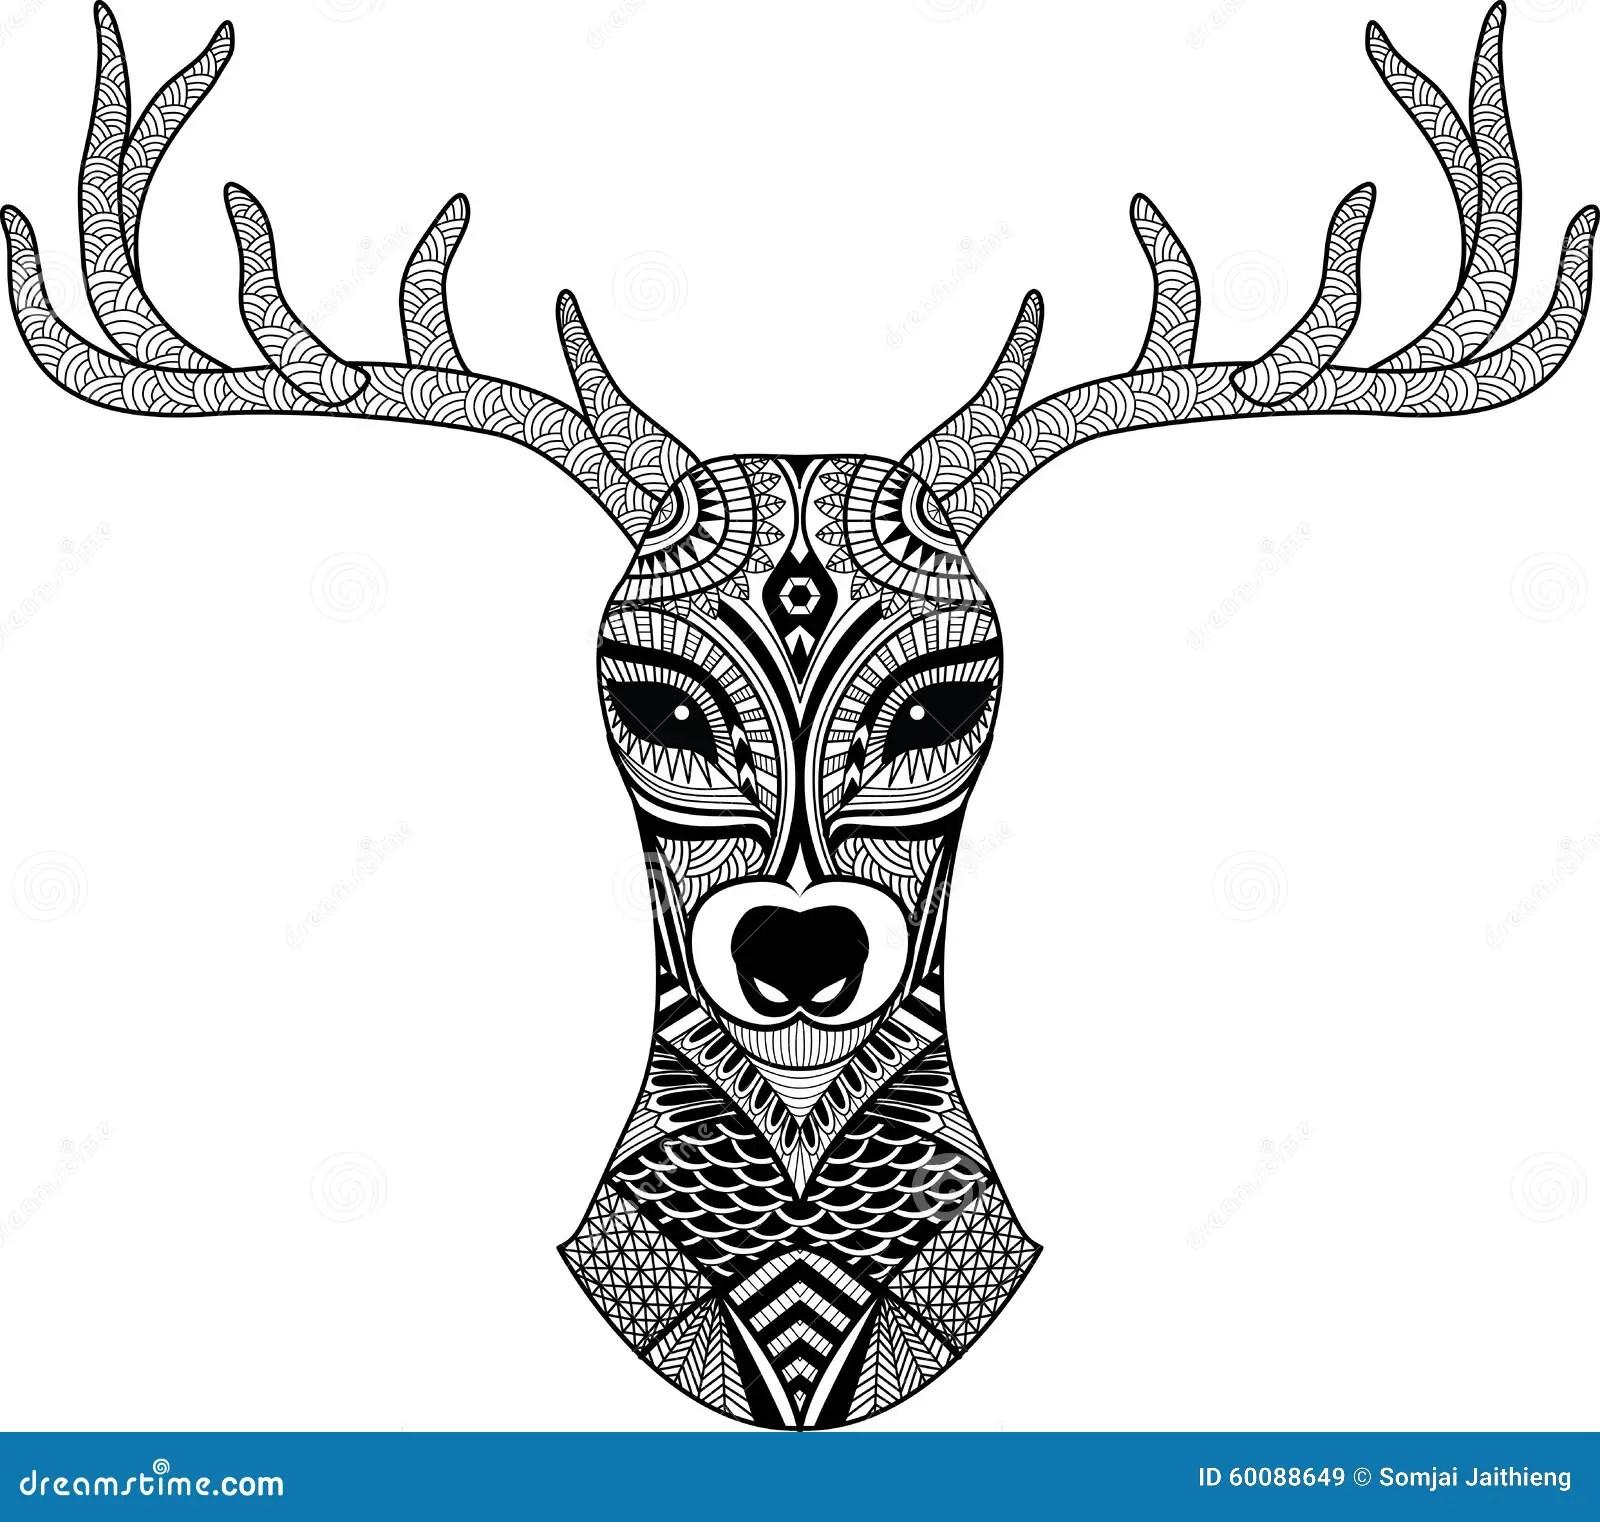 Deer Head Stylized In Zentangle Style Tribal Tattoo